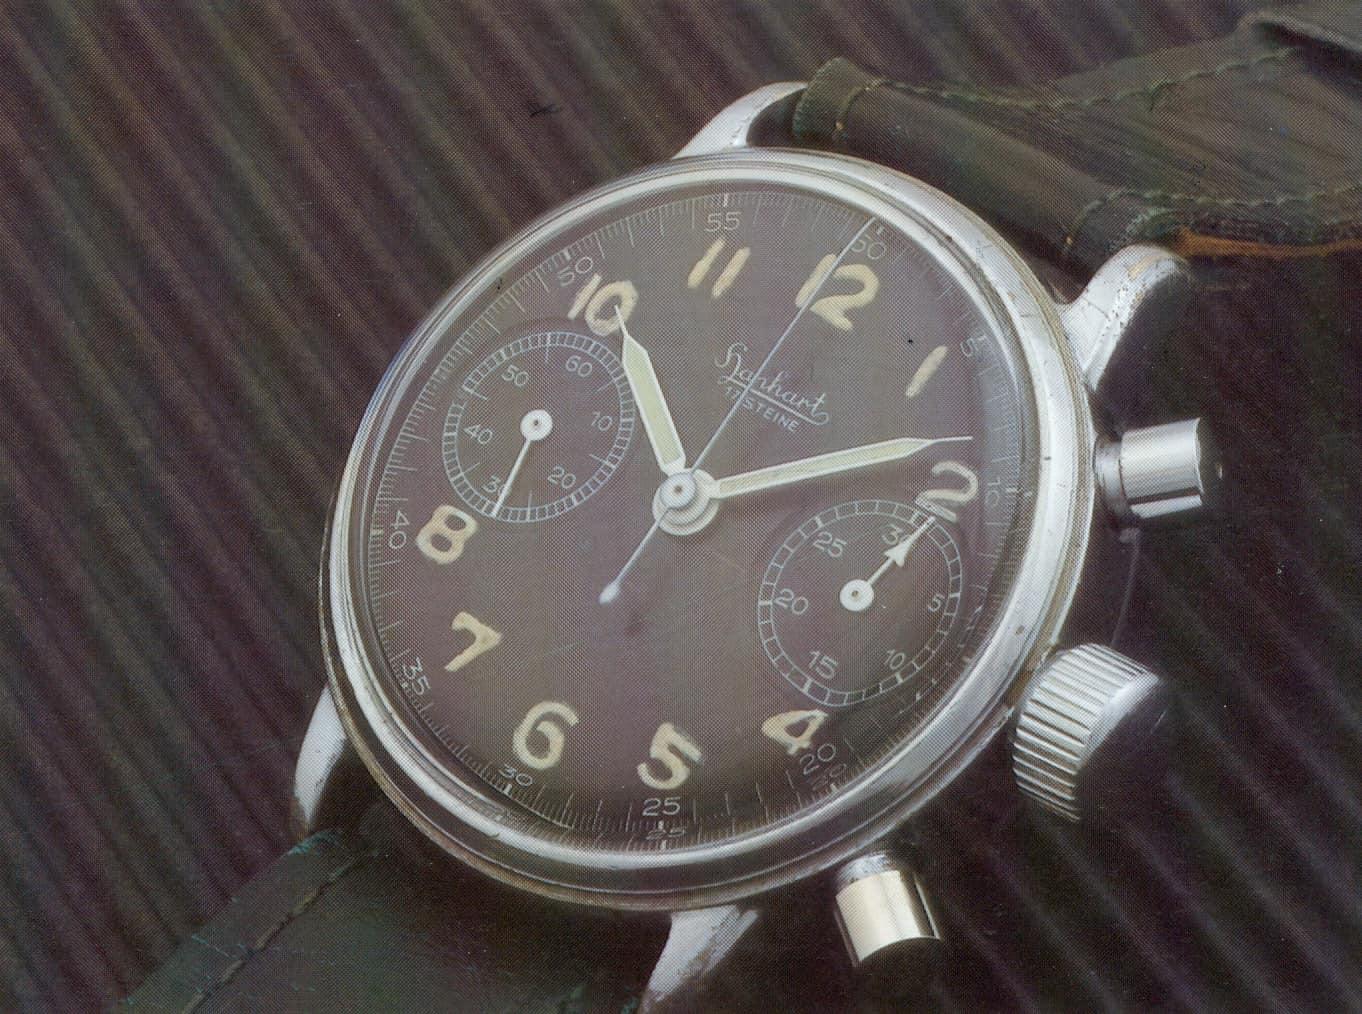 Hanhart Flieger-Chronograph von 1940 - ohne Drehlünette